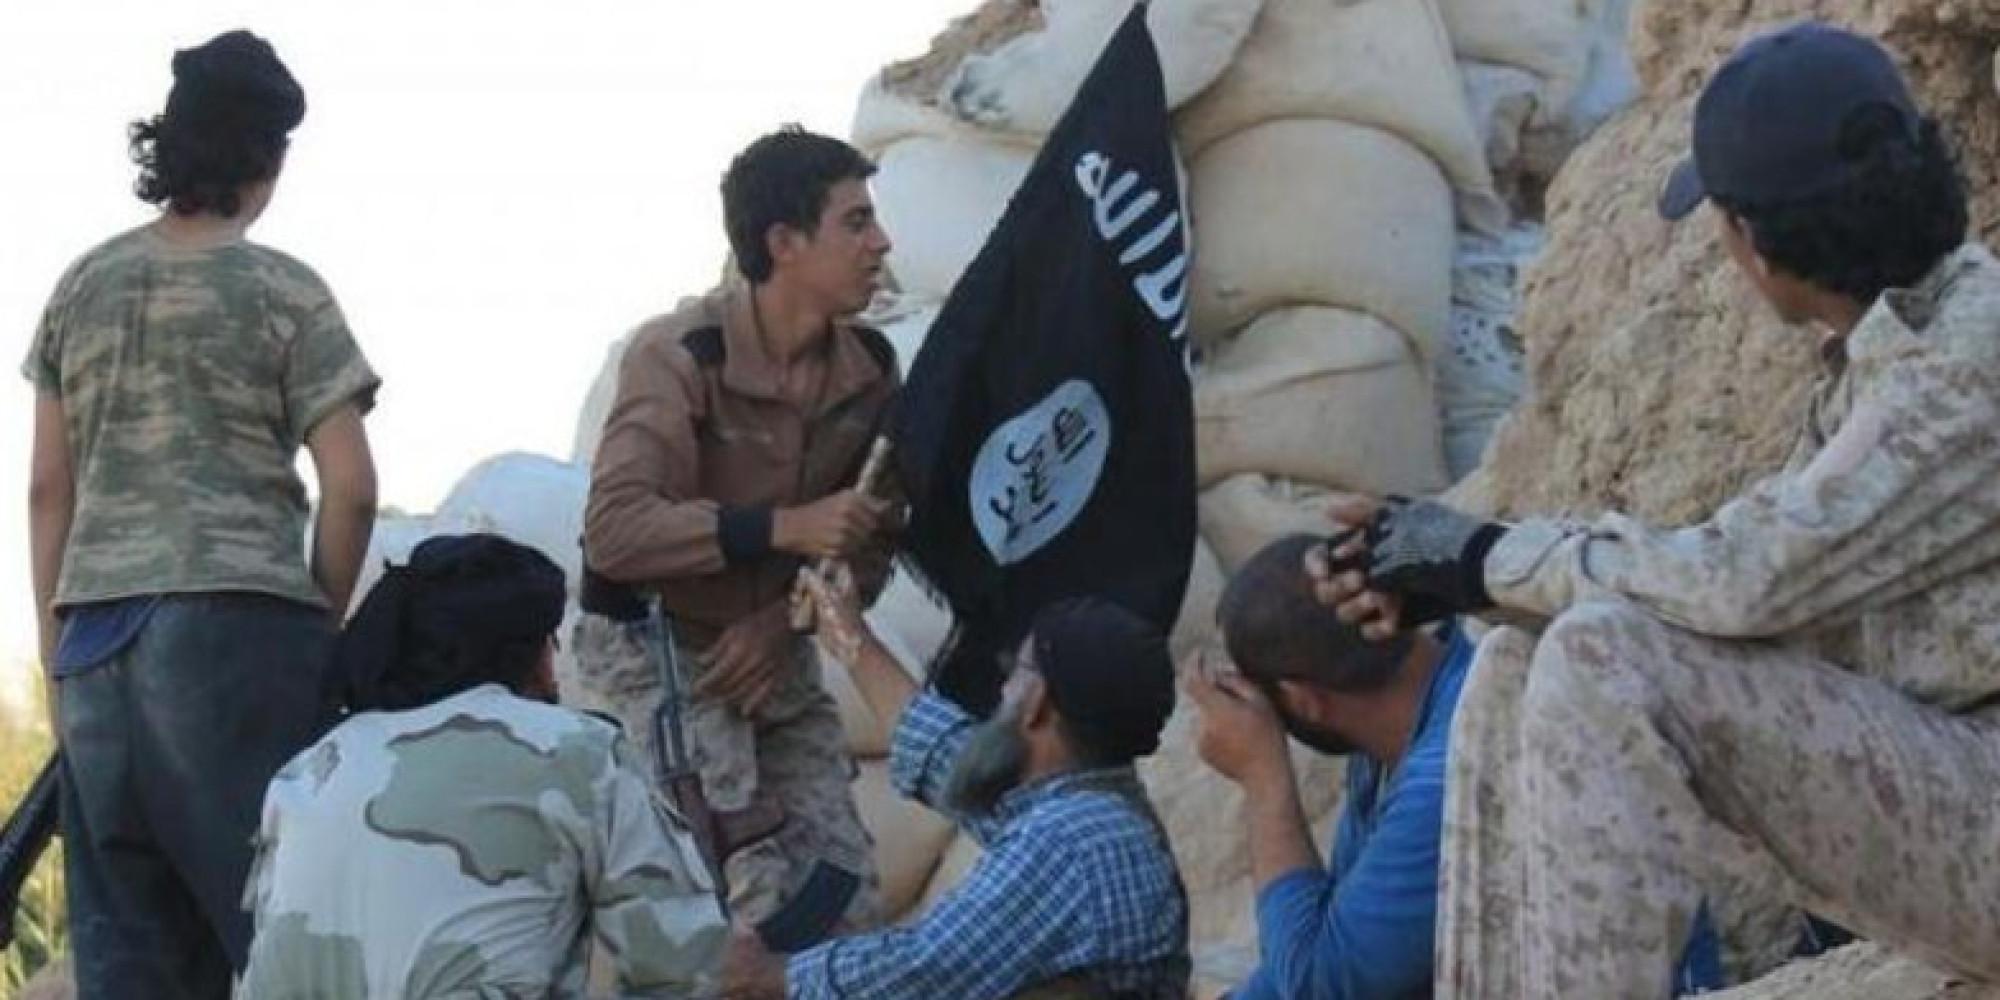 لأول مرة  داعش  يبدأ تجنيد مدنيين قسرياً لزجهم في معارك دير الزور.. فلماذا يستميت التنظيم للبقاء في المدينة؟